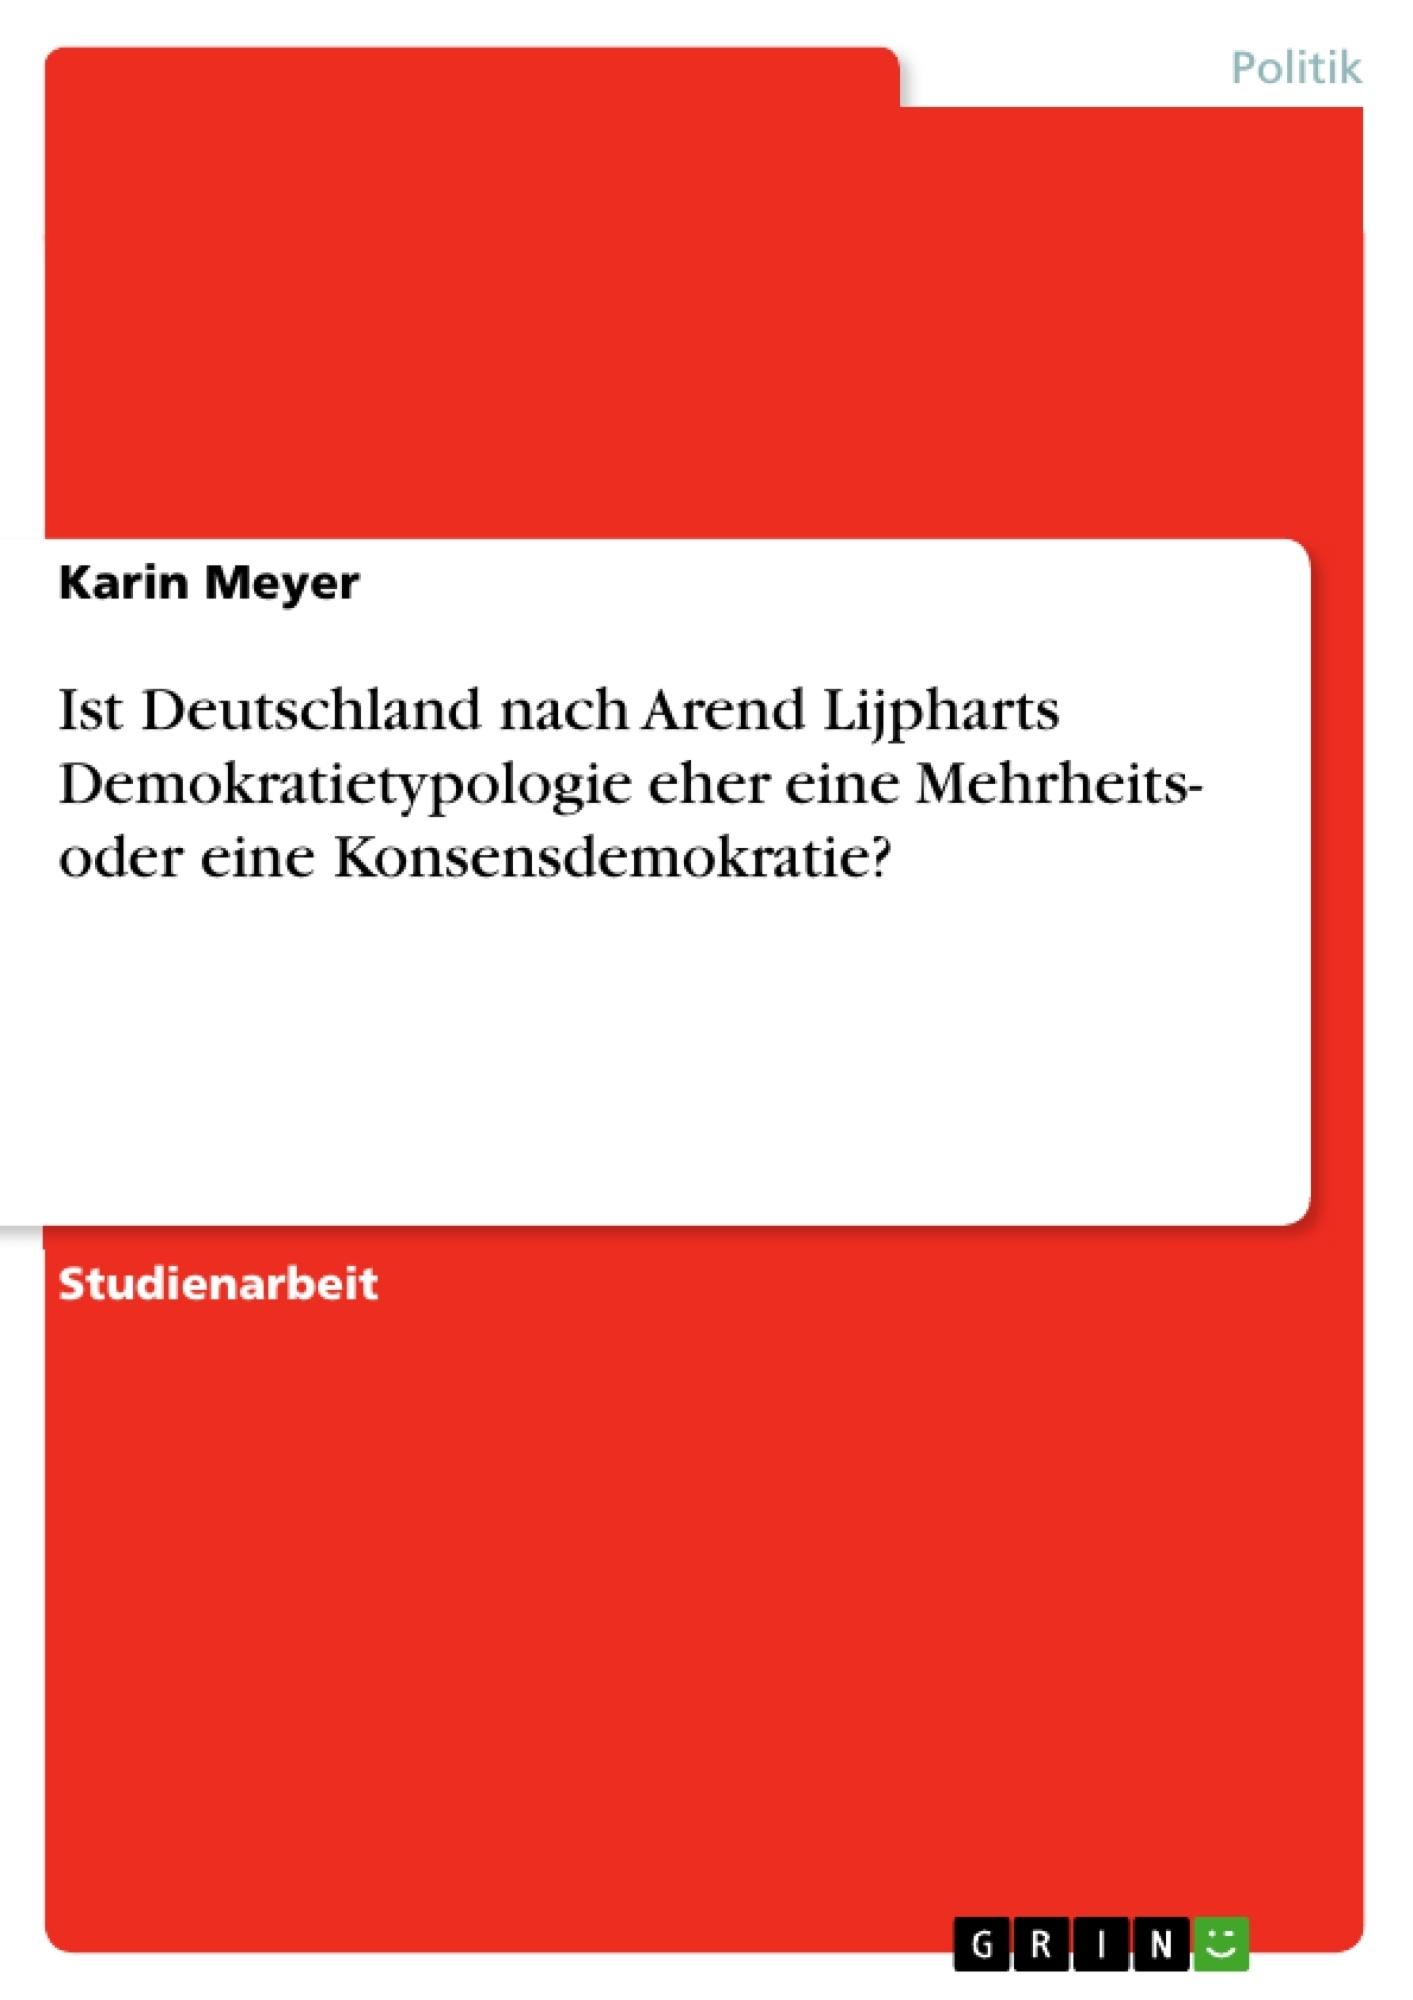 Titel: Ist Deutschland nach Arend Lijpharts Demokratietypologie eher eine Mehrheits- oder eine Konsensdemokratie?